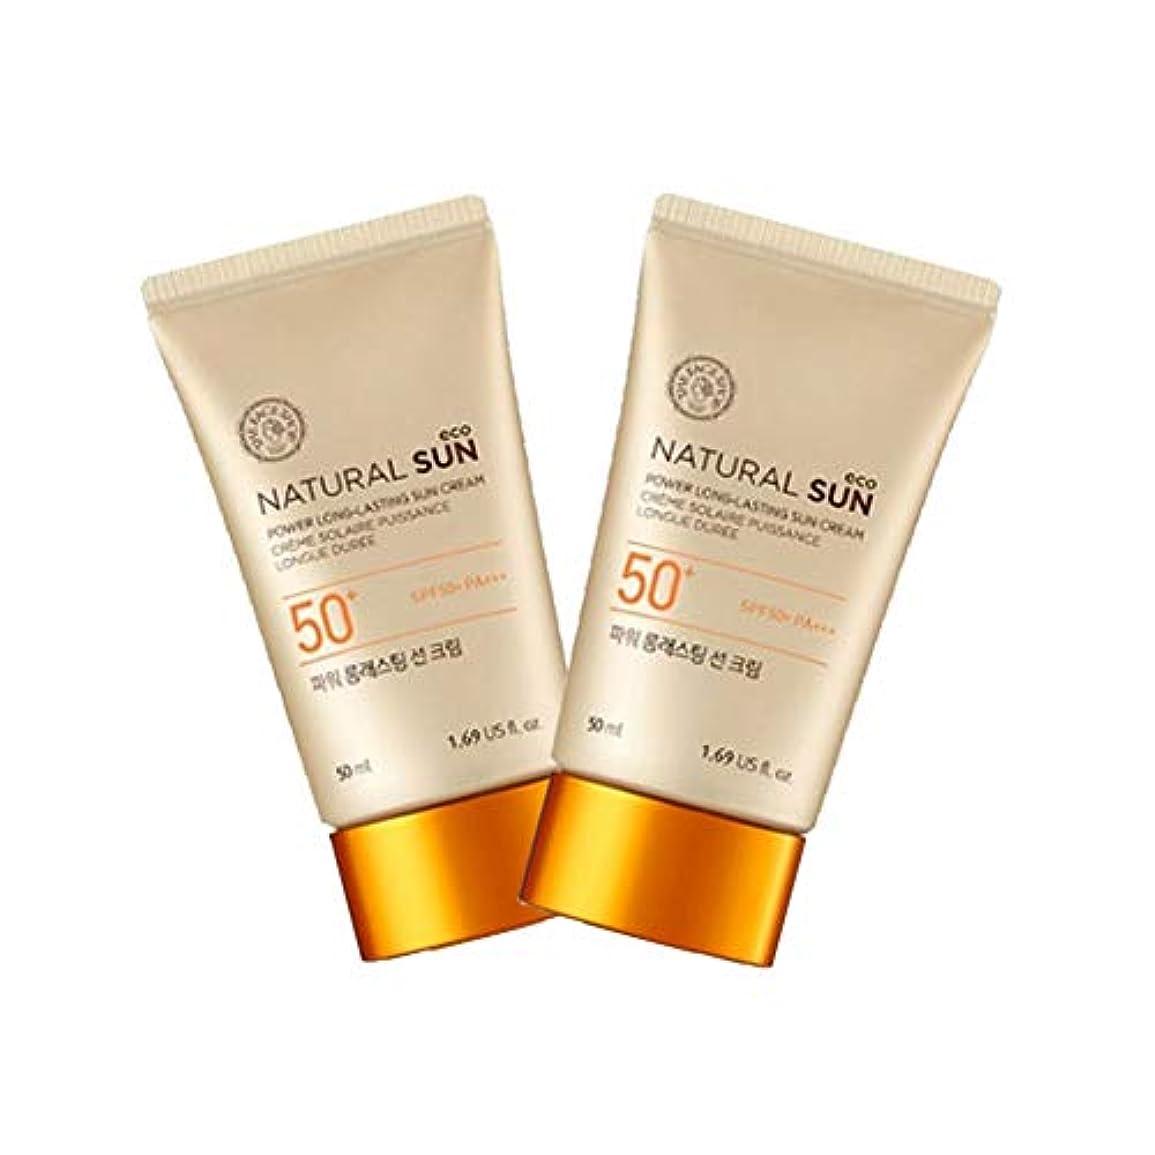 震え砂ベルザ?フェイスショップナチュラルサンエコパワーロングラスティングサンクリーム50mlx2本セット韓国コスメ、The Face Shop Natural Sun Eco Power Long Lasting Sun Cream...